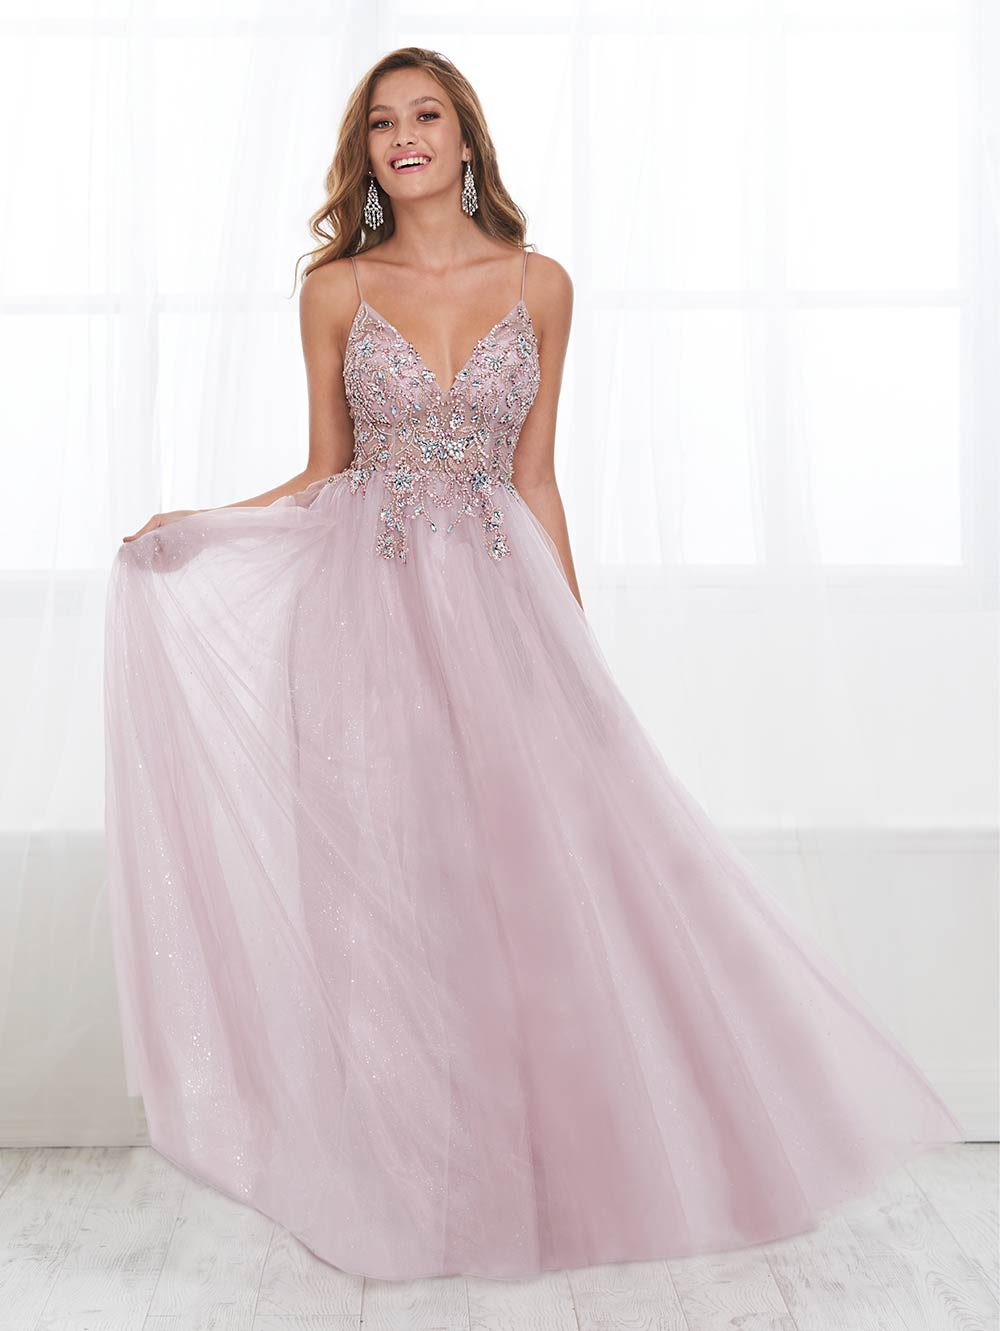 prom-dresses-jacquelin-bridals-canada-27649